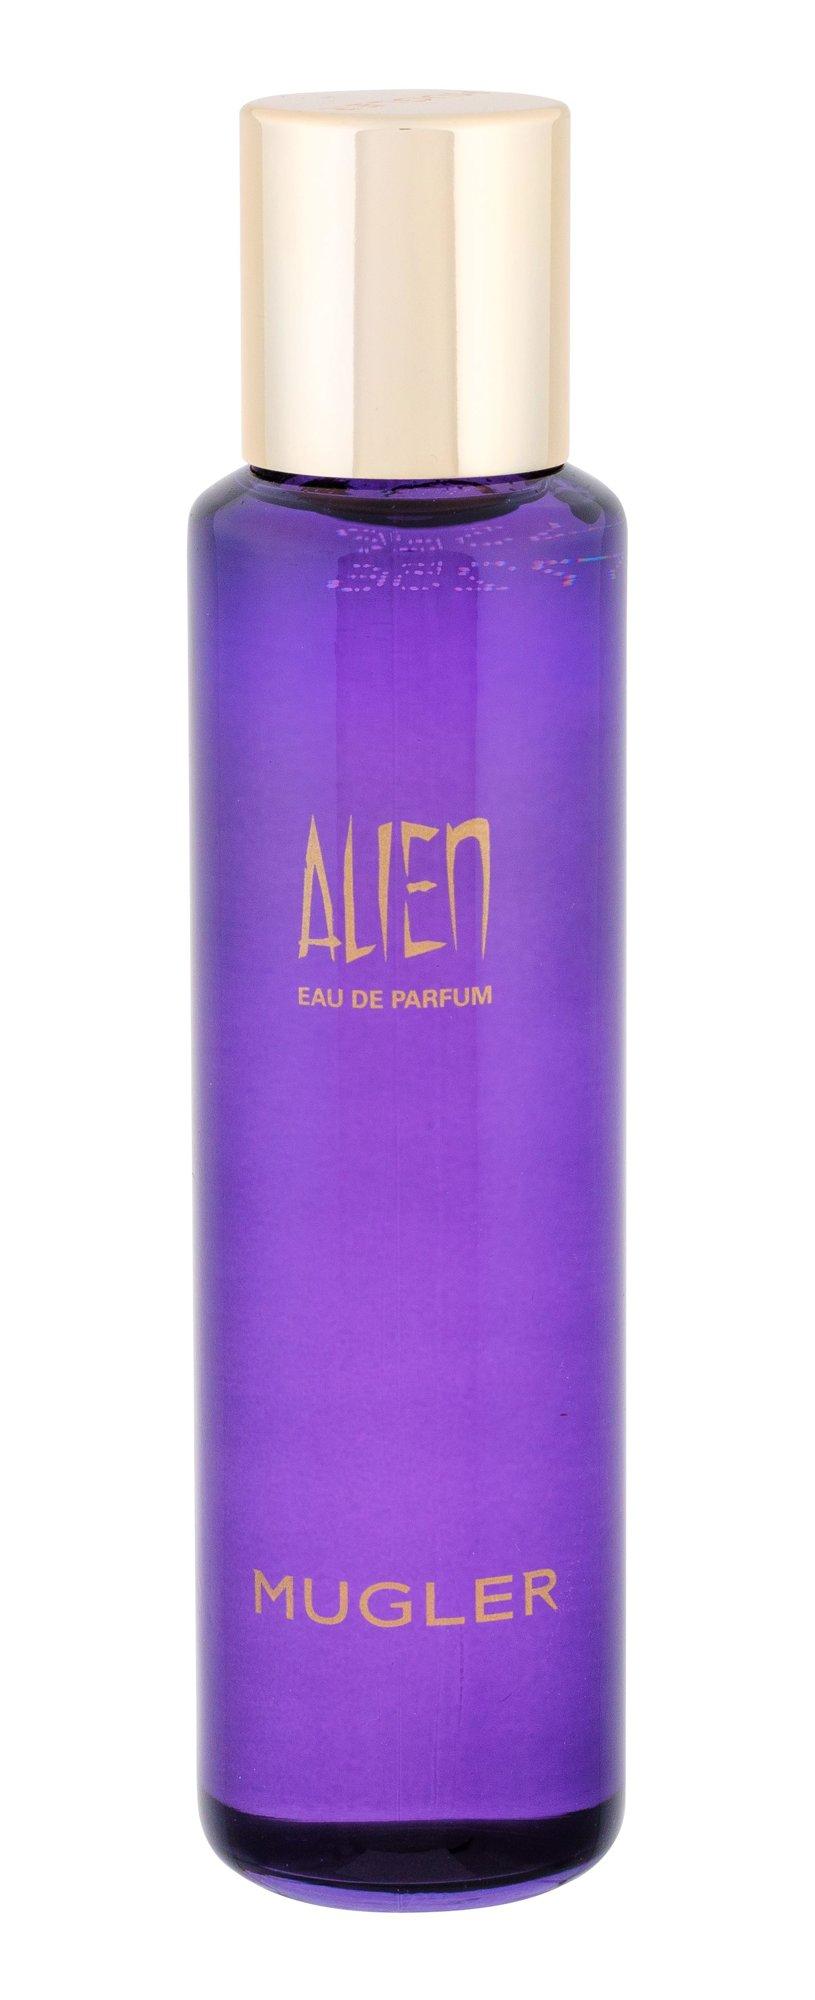 Thierry Mugler Alien Eau de Parfum 100ml